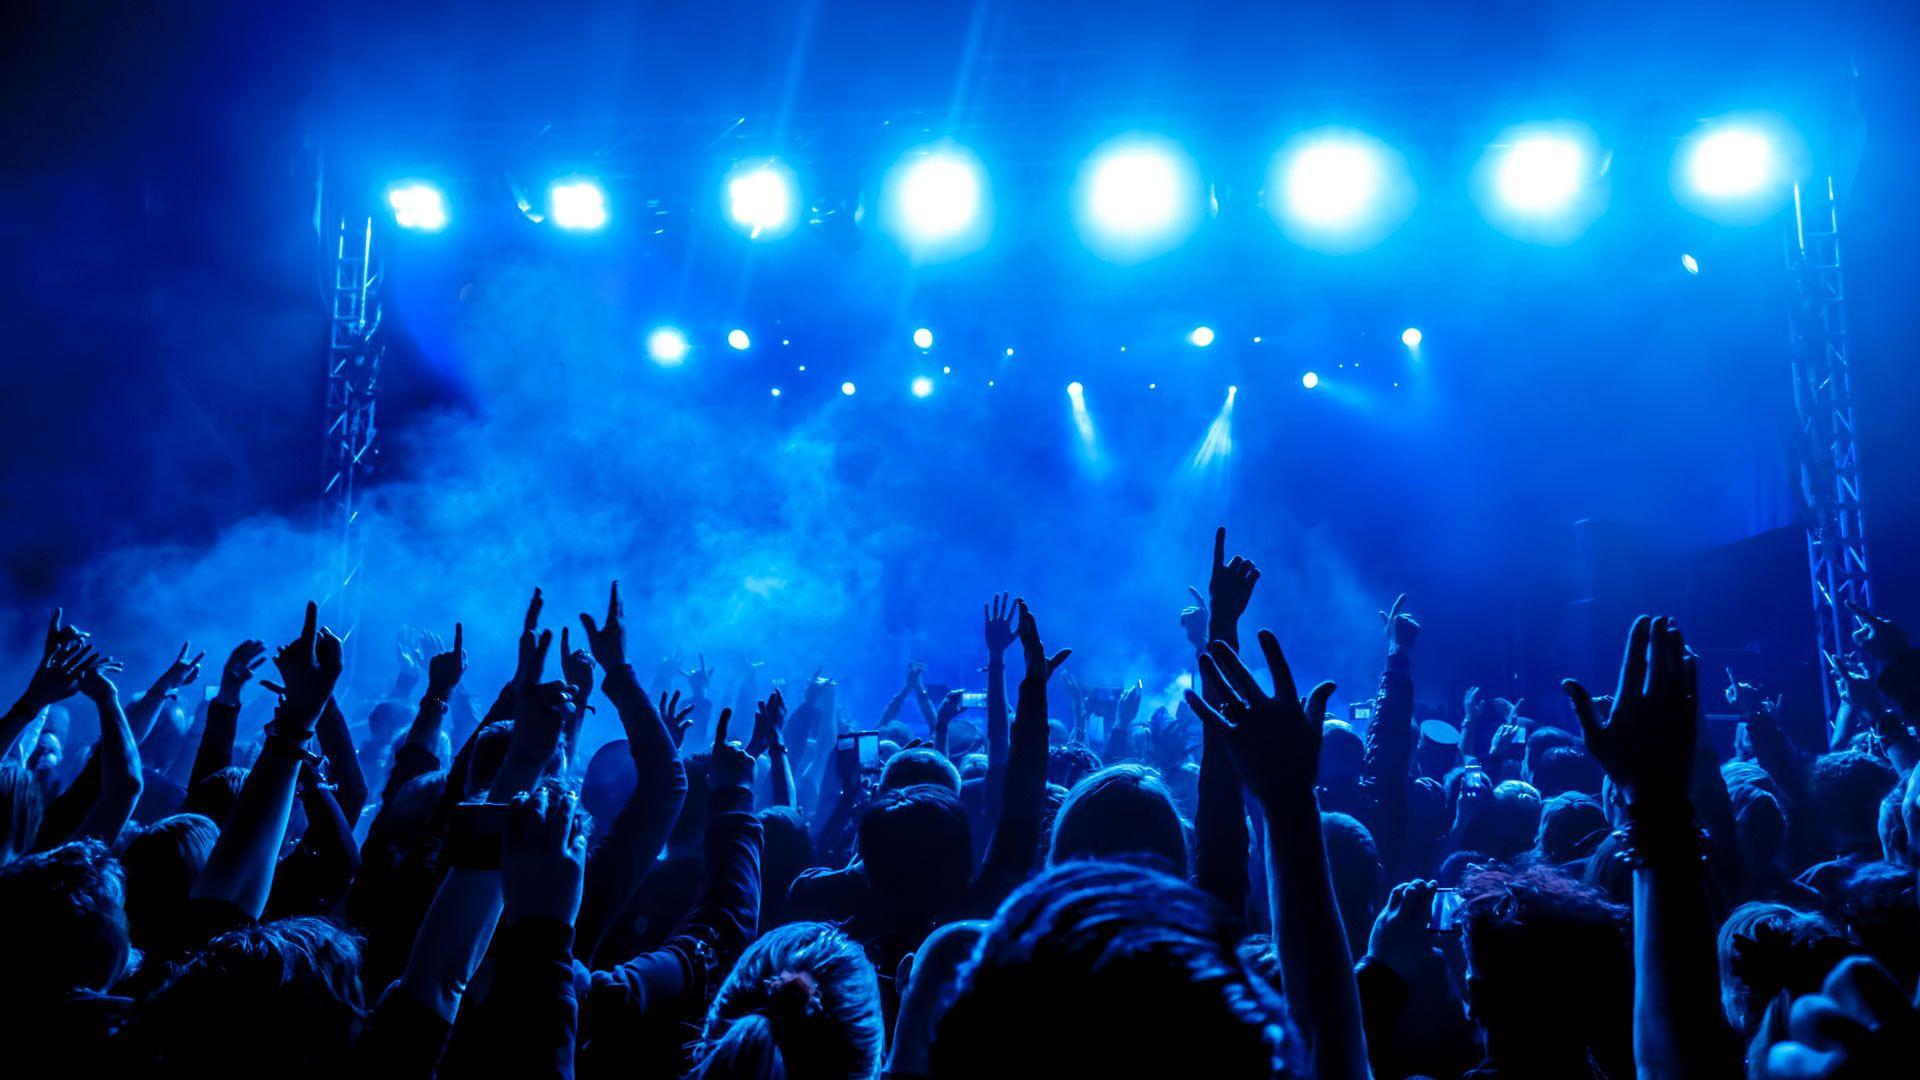 Concert best Wallpaper